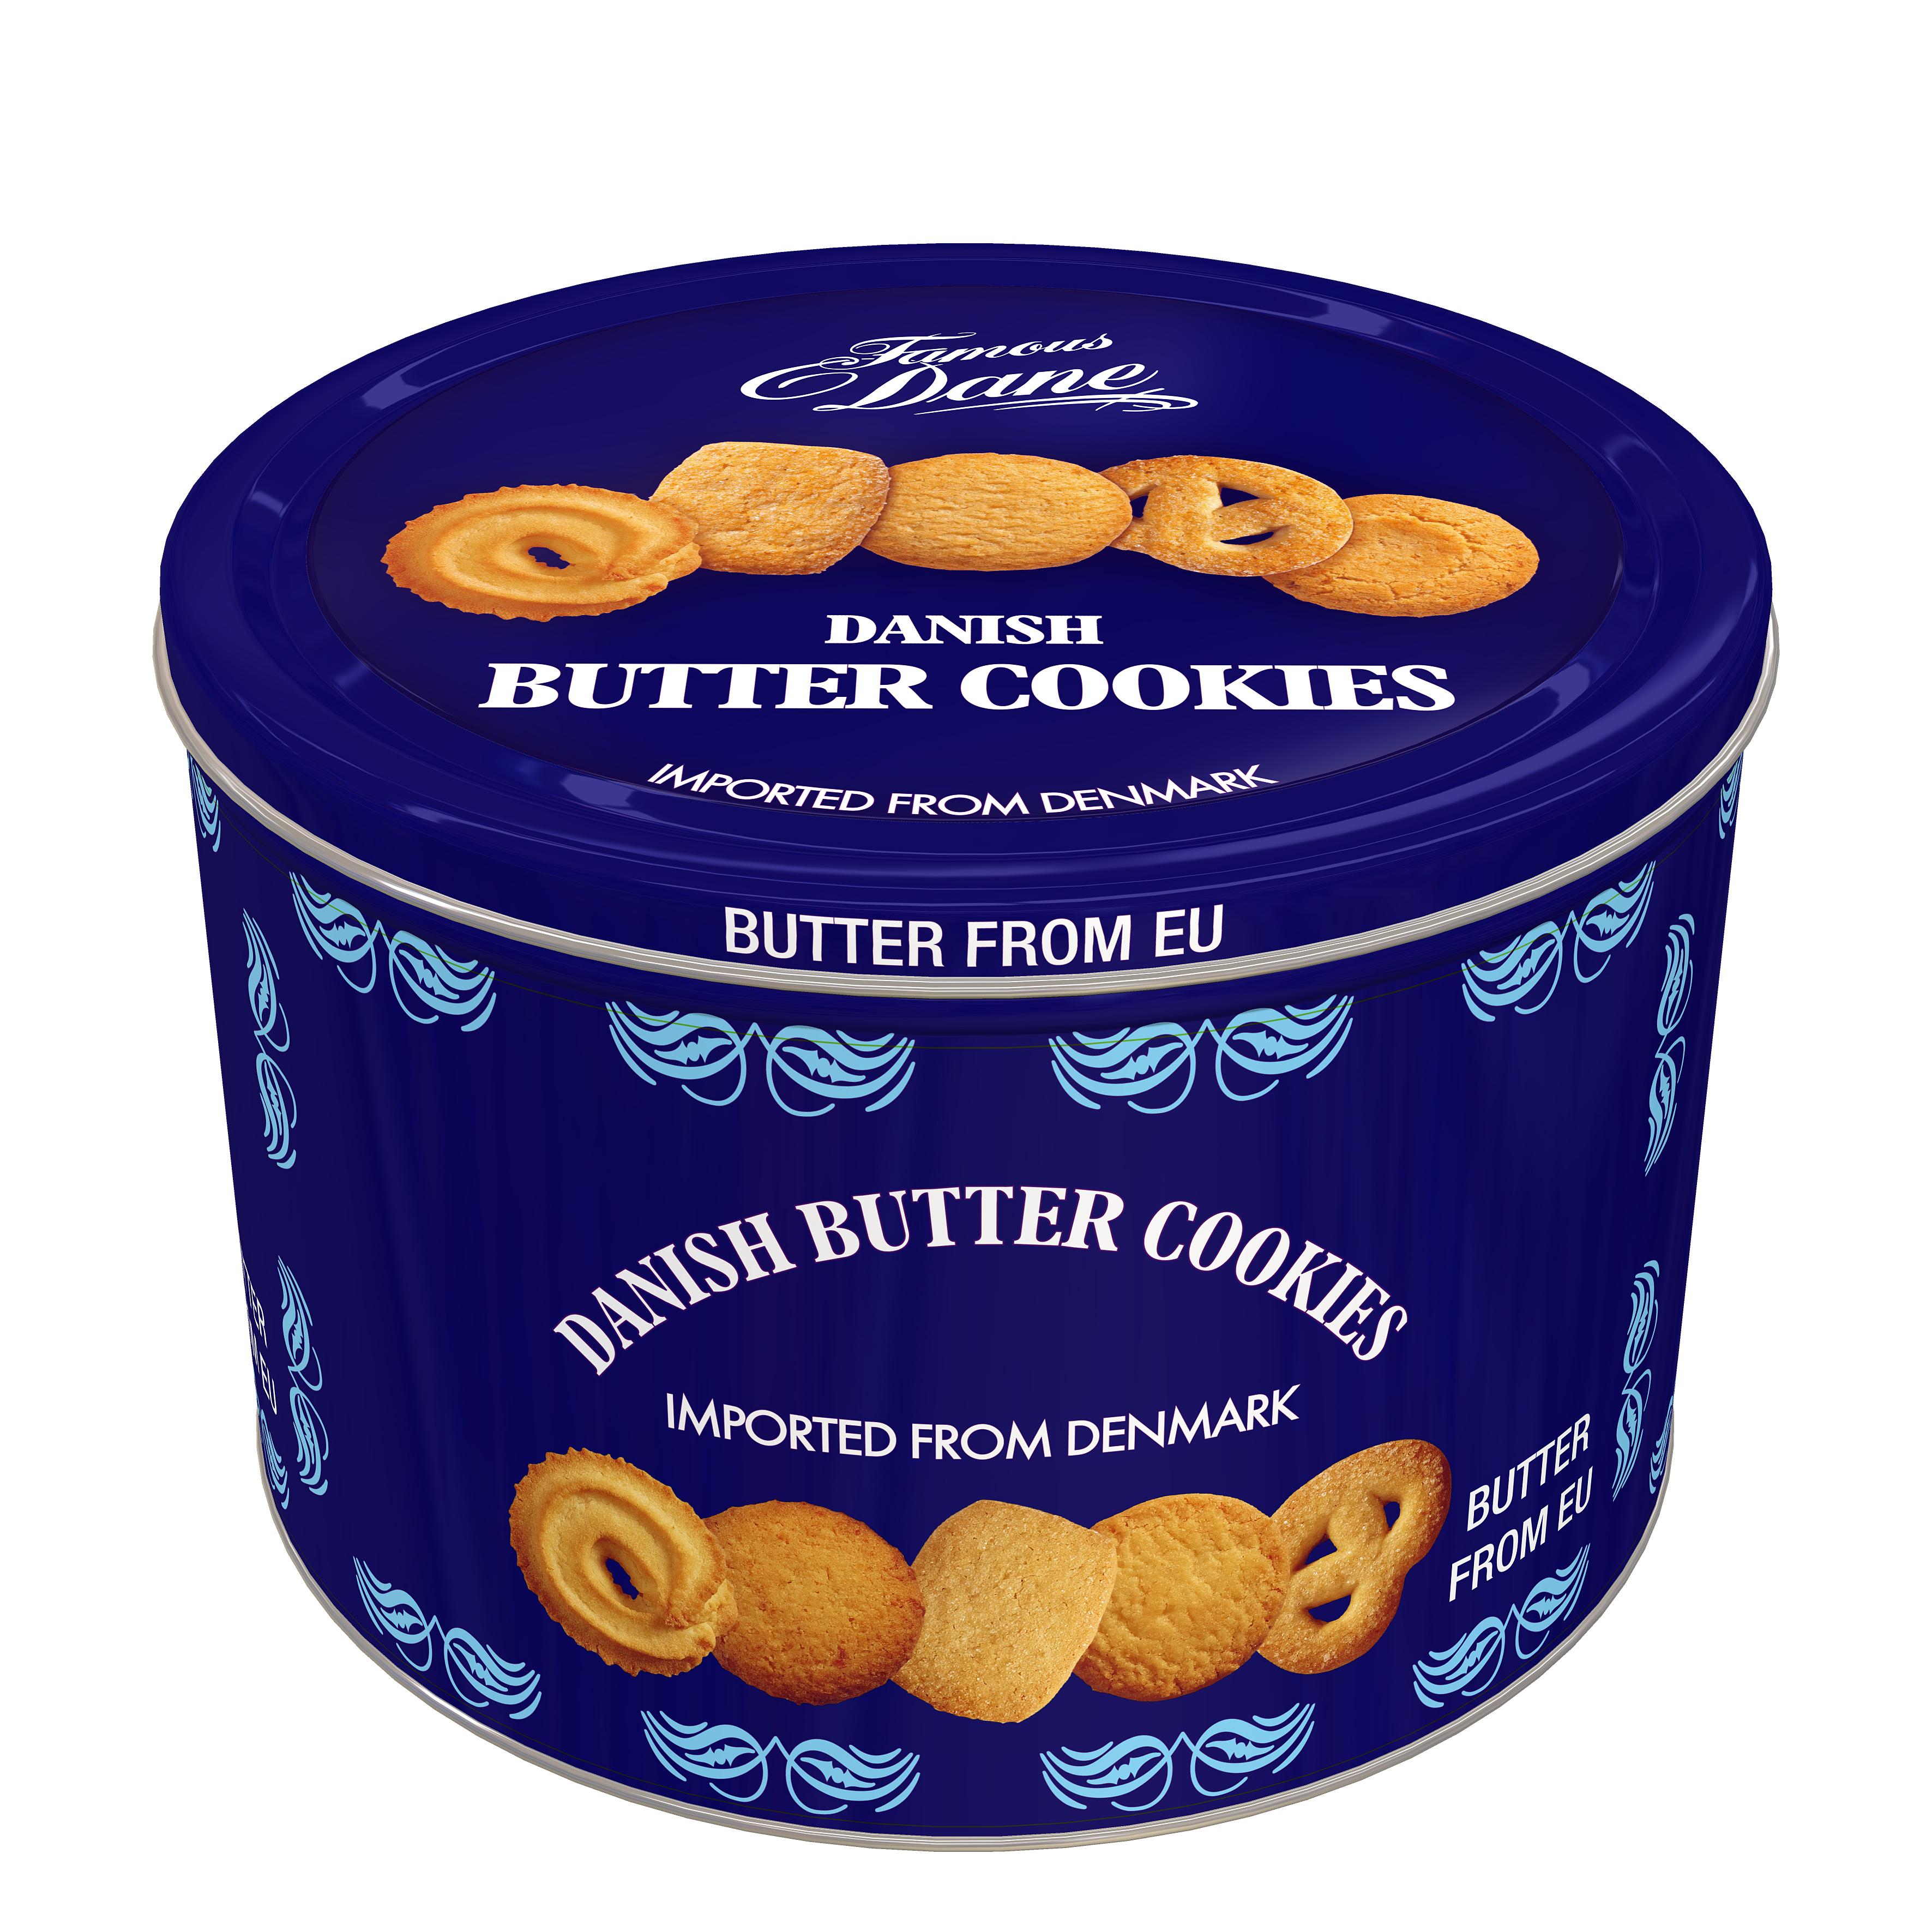 [쿠팡 직수입] 대니쉬 버터 쿠키, 908g, 1개